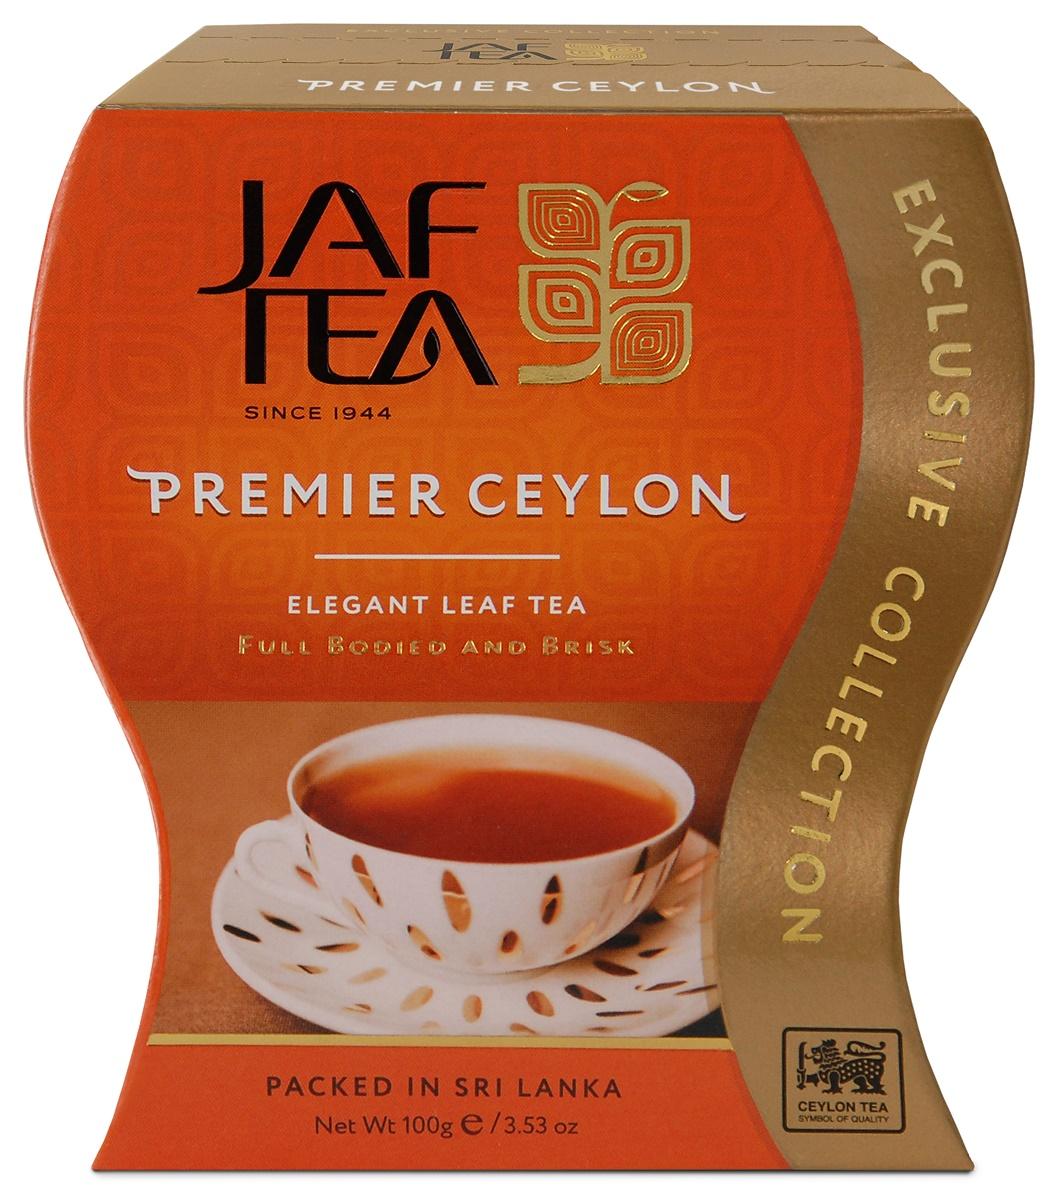 Jaf Tea Premier Ceylon сорт FBOP чай черный листовой, 100 г mabroc эрл грей чай черный листовой 100 г